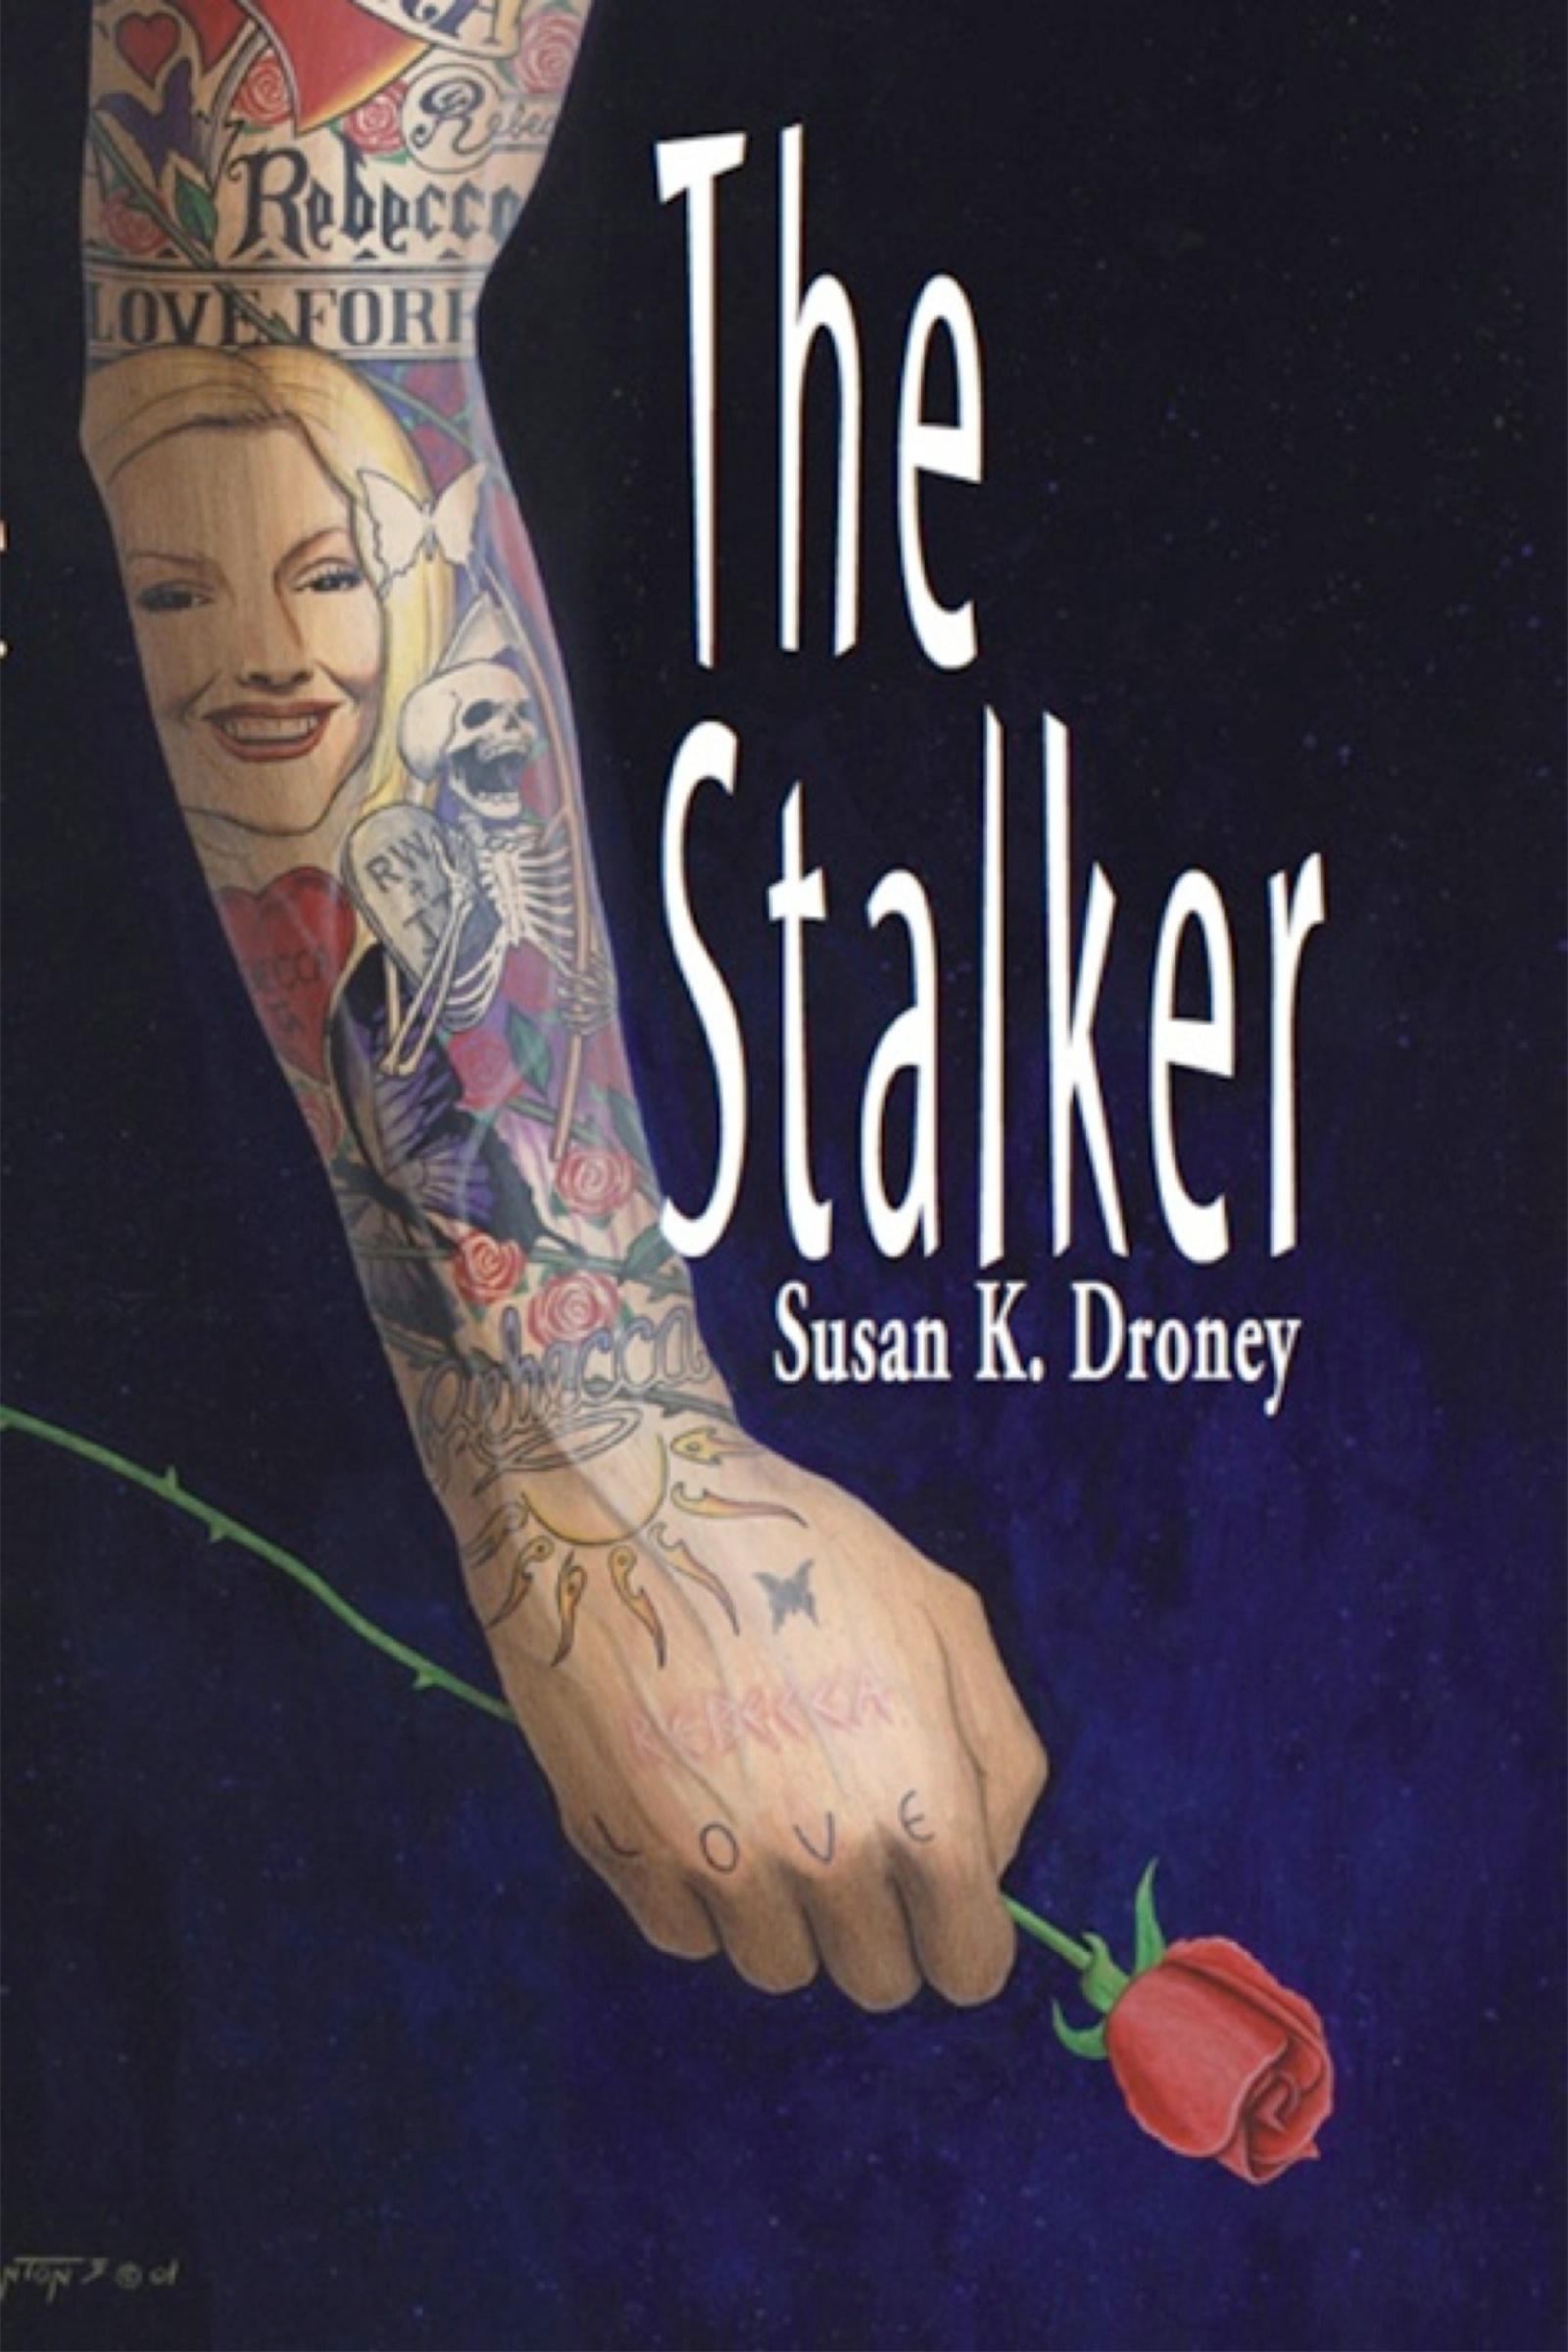 Susan K. Droney - The Stalker